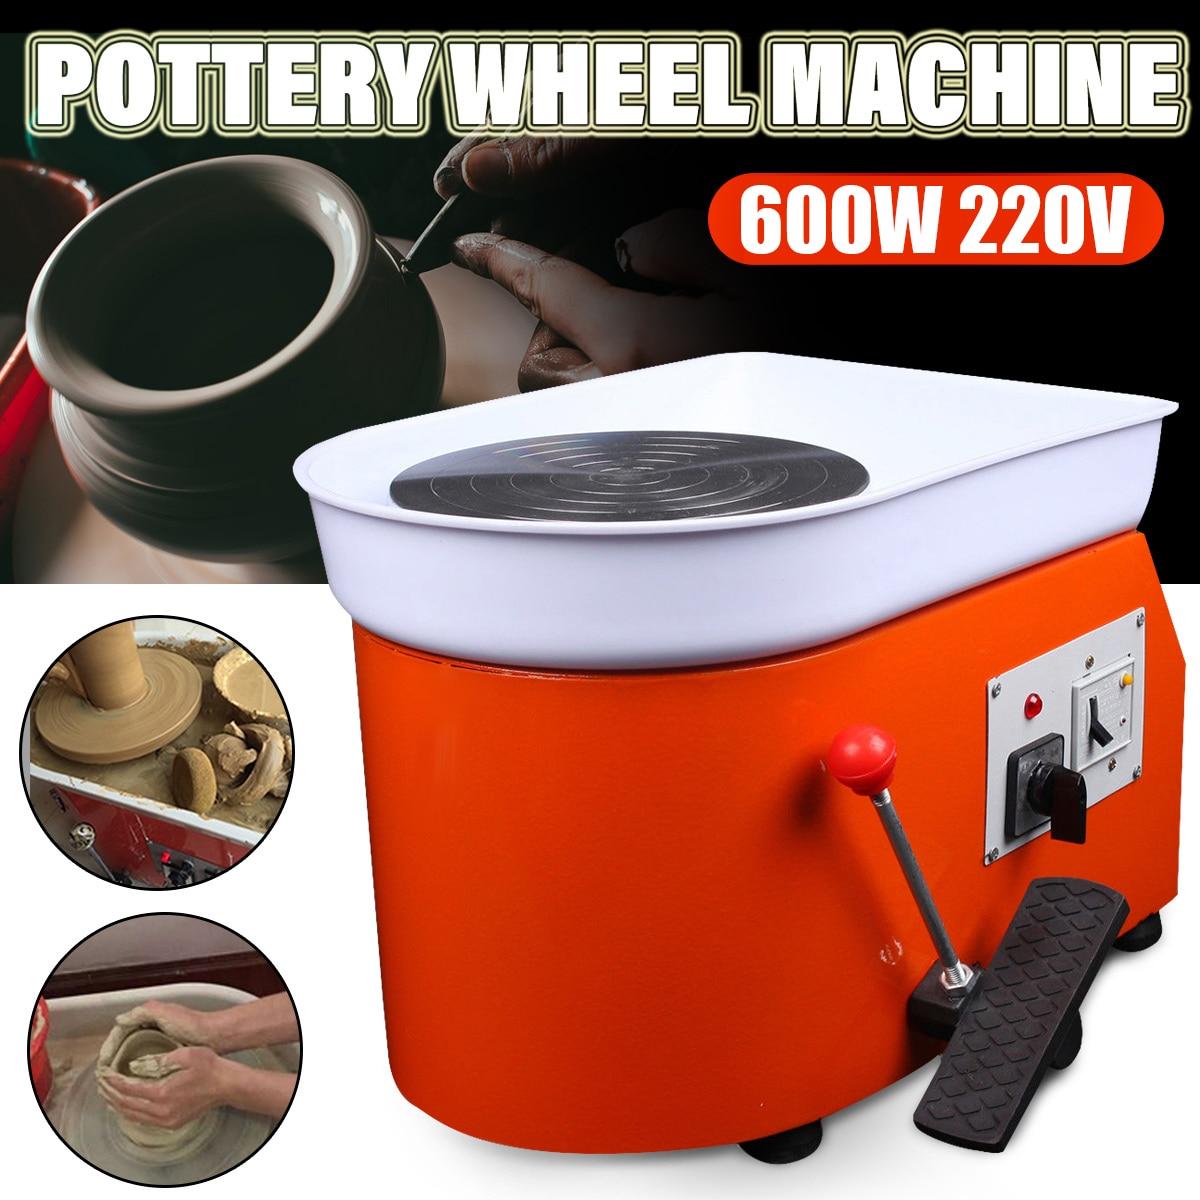 عجلة فخار سيراميك ، 220 فولت ، أداة تشكيل ، حوض قابل للغسل ، تحكم بدواسة ، تحول ، عجلة فخار كهربائية ، آلة سيراميك